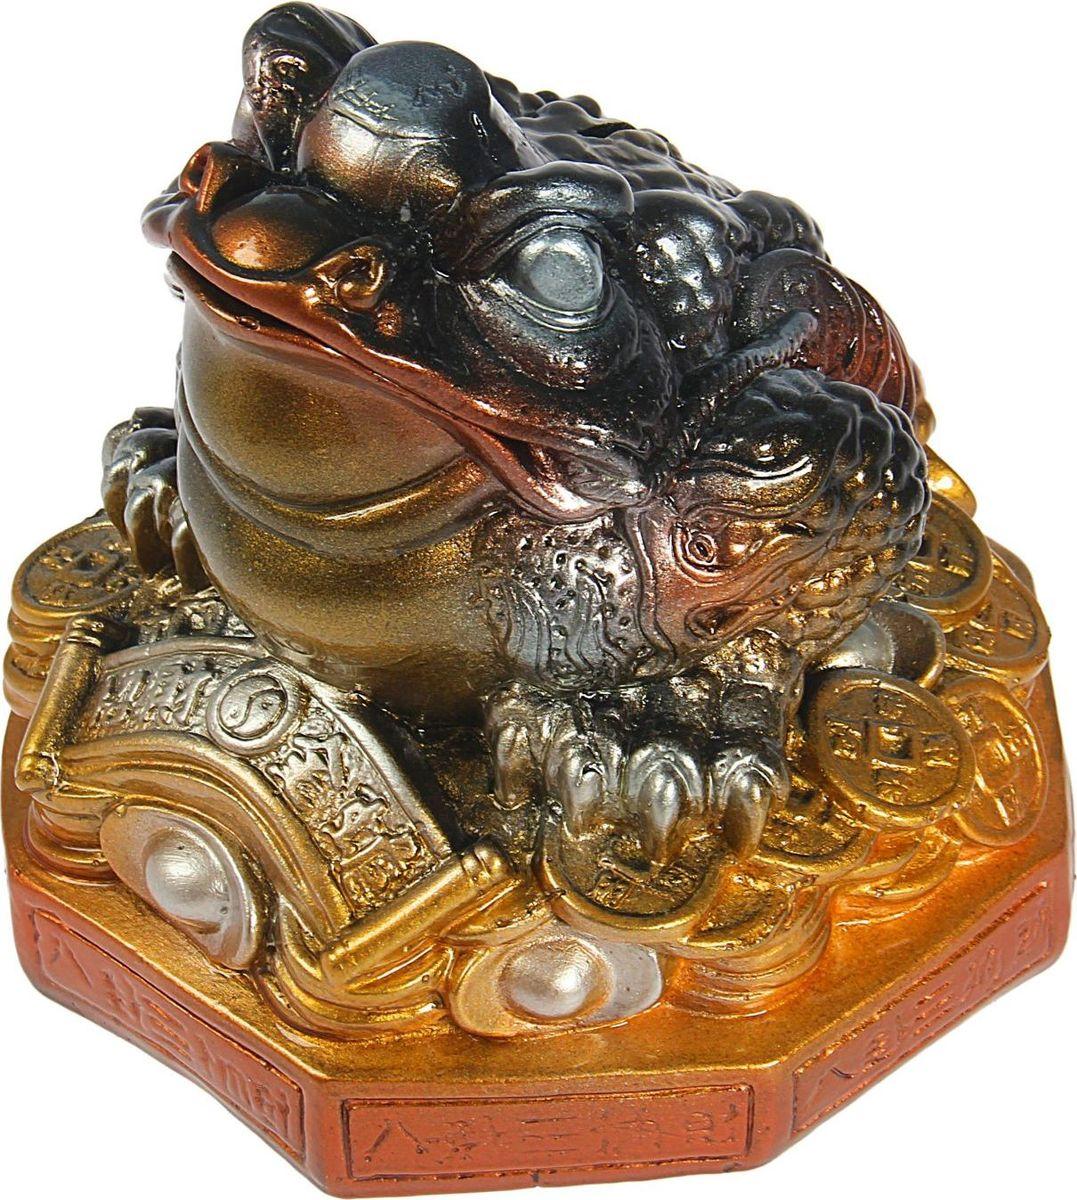 Копилка Premium Gips Денежная жаба, 17 х 17 х 18 см1184673Хотите накопить на свою заветную мечту? С помощью данного изделия вы сможете сделать это без удара по бюджету! Трёхлапая жаба с монеткой во рту является очень сильным денежным талисманом, который приносит богатство, финансовую удачу и процветание. Иногда это животное используют как символ долголетия, потому что некоторые их виды живут до 40 лет.Согласно фэн-шуй, копилки с деньгами целесообразно хранить в западной или северо-западной частях помещения.